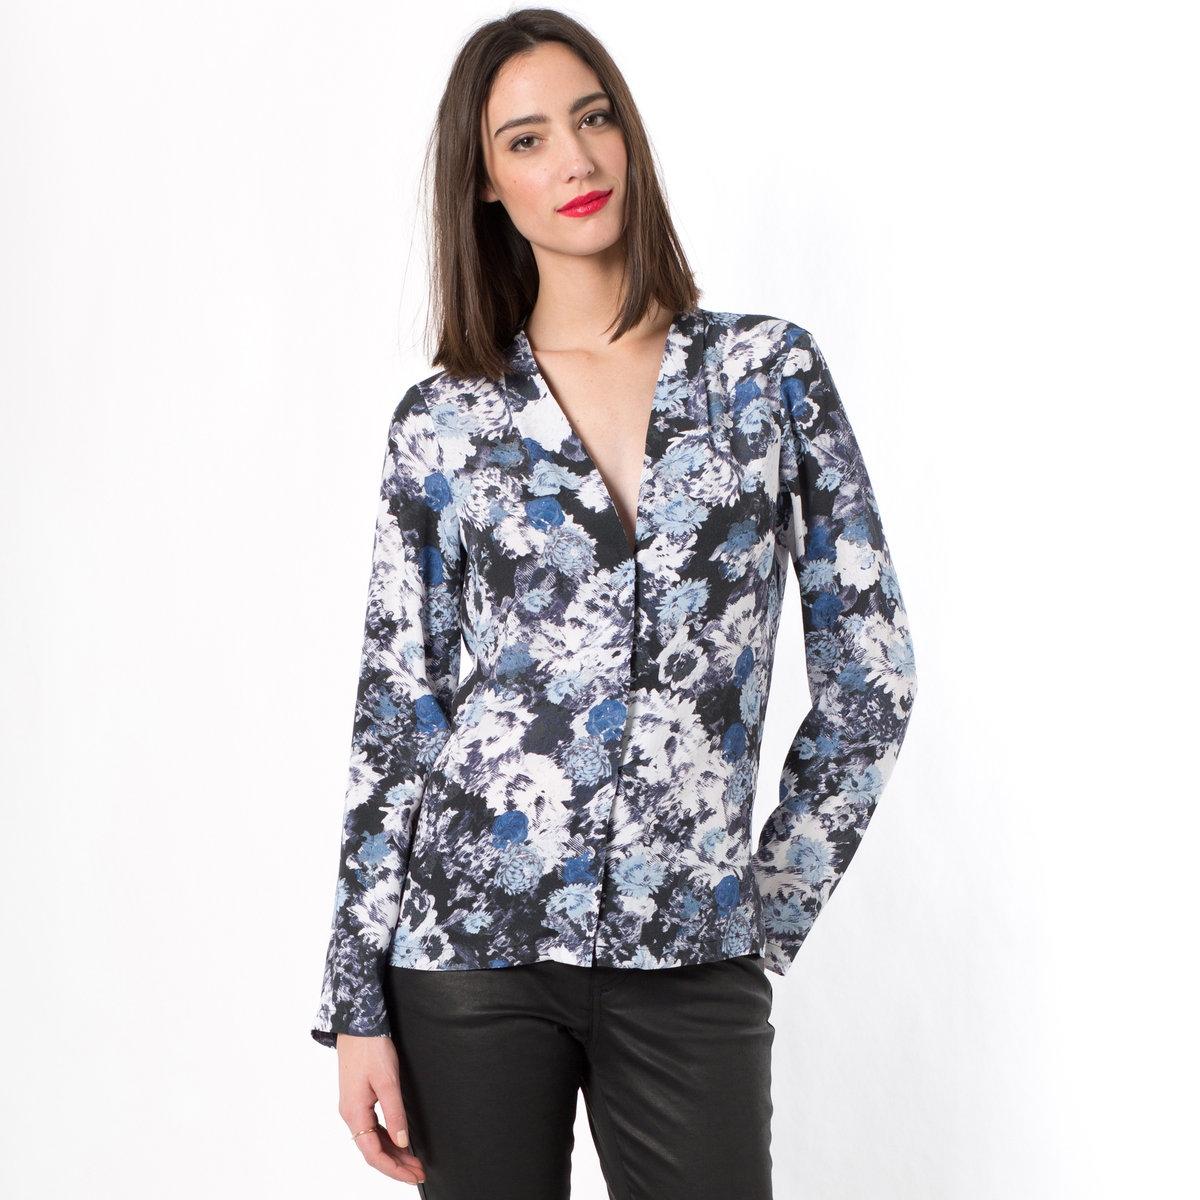 Блузка с длинными рукавами100% вискозы<br><br>Цвет: рисунок цветочный/синий<br>Размер: 40 (FR) - 46 (RUS)